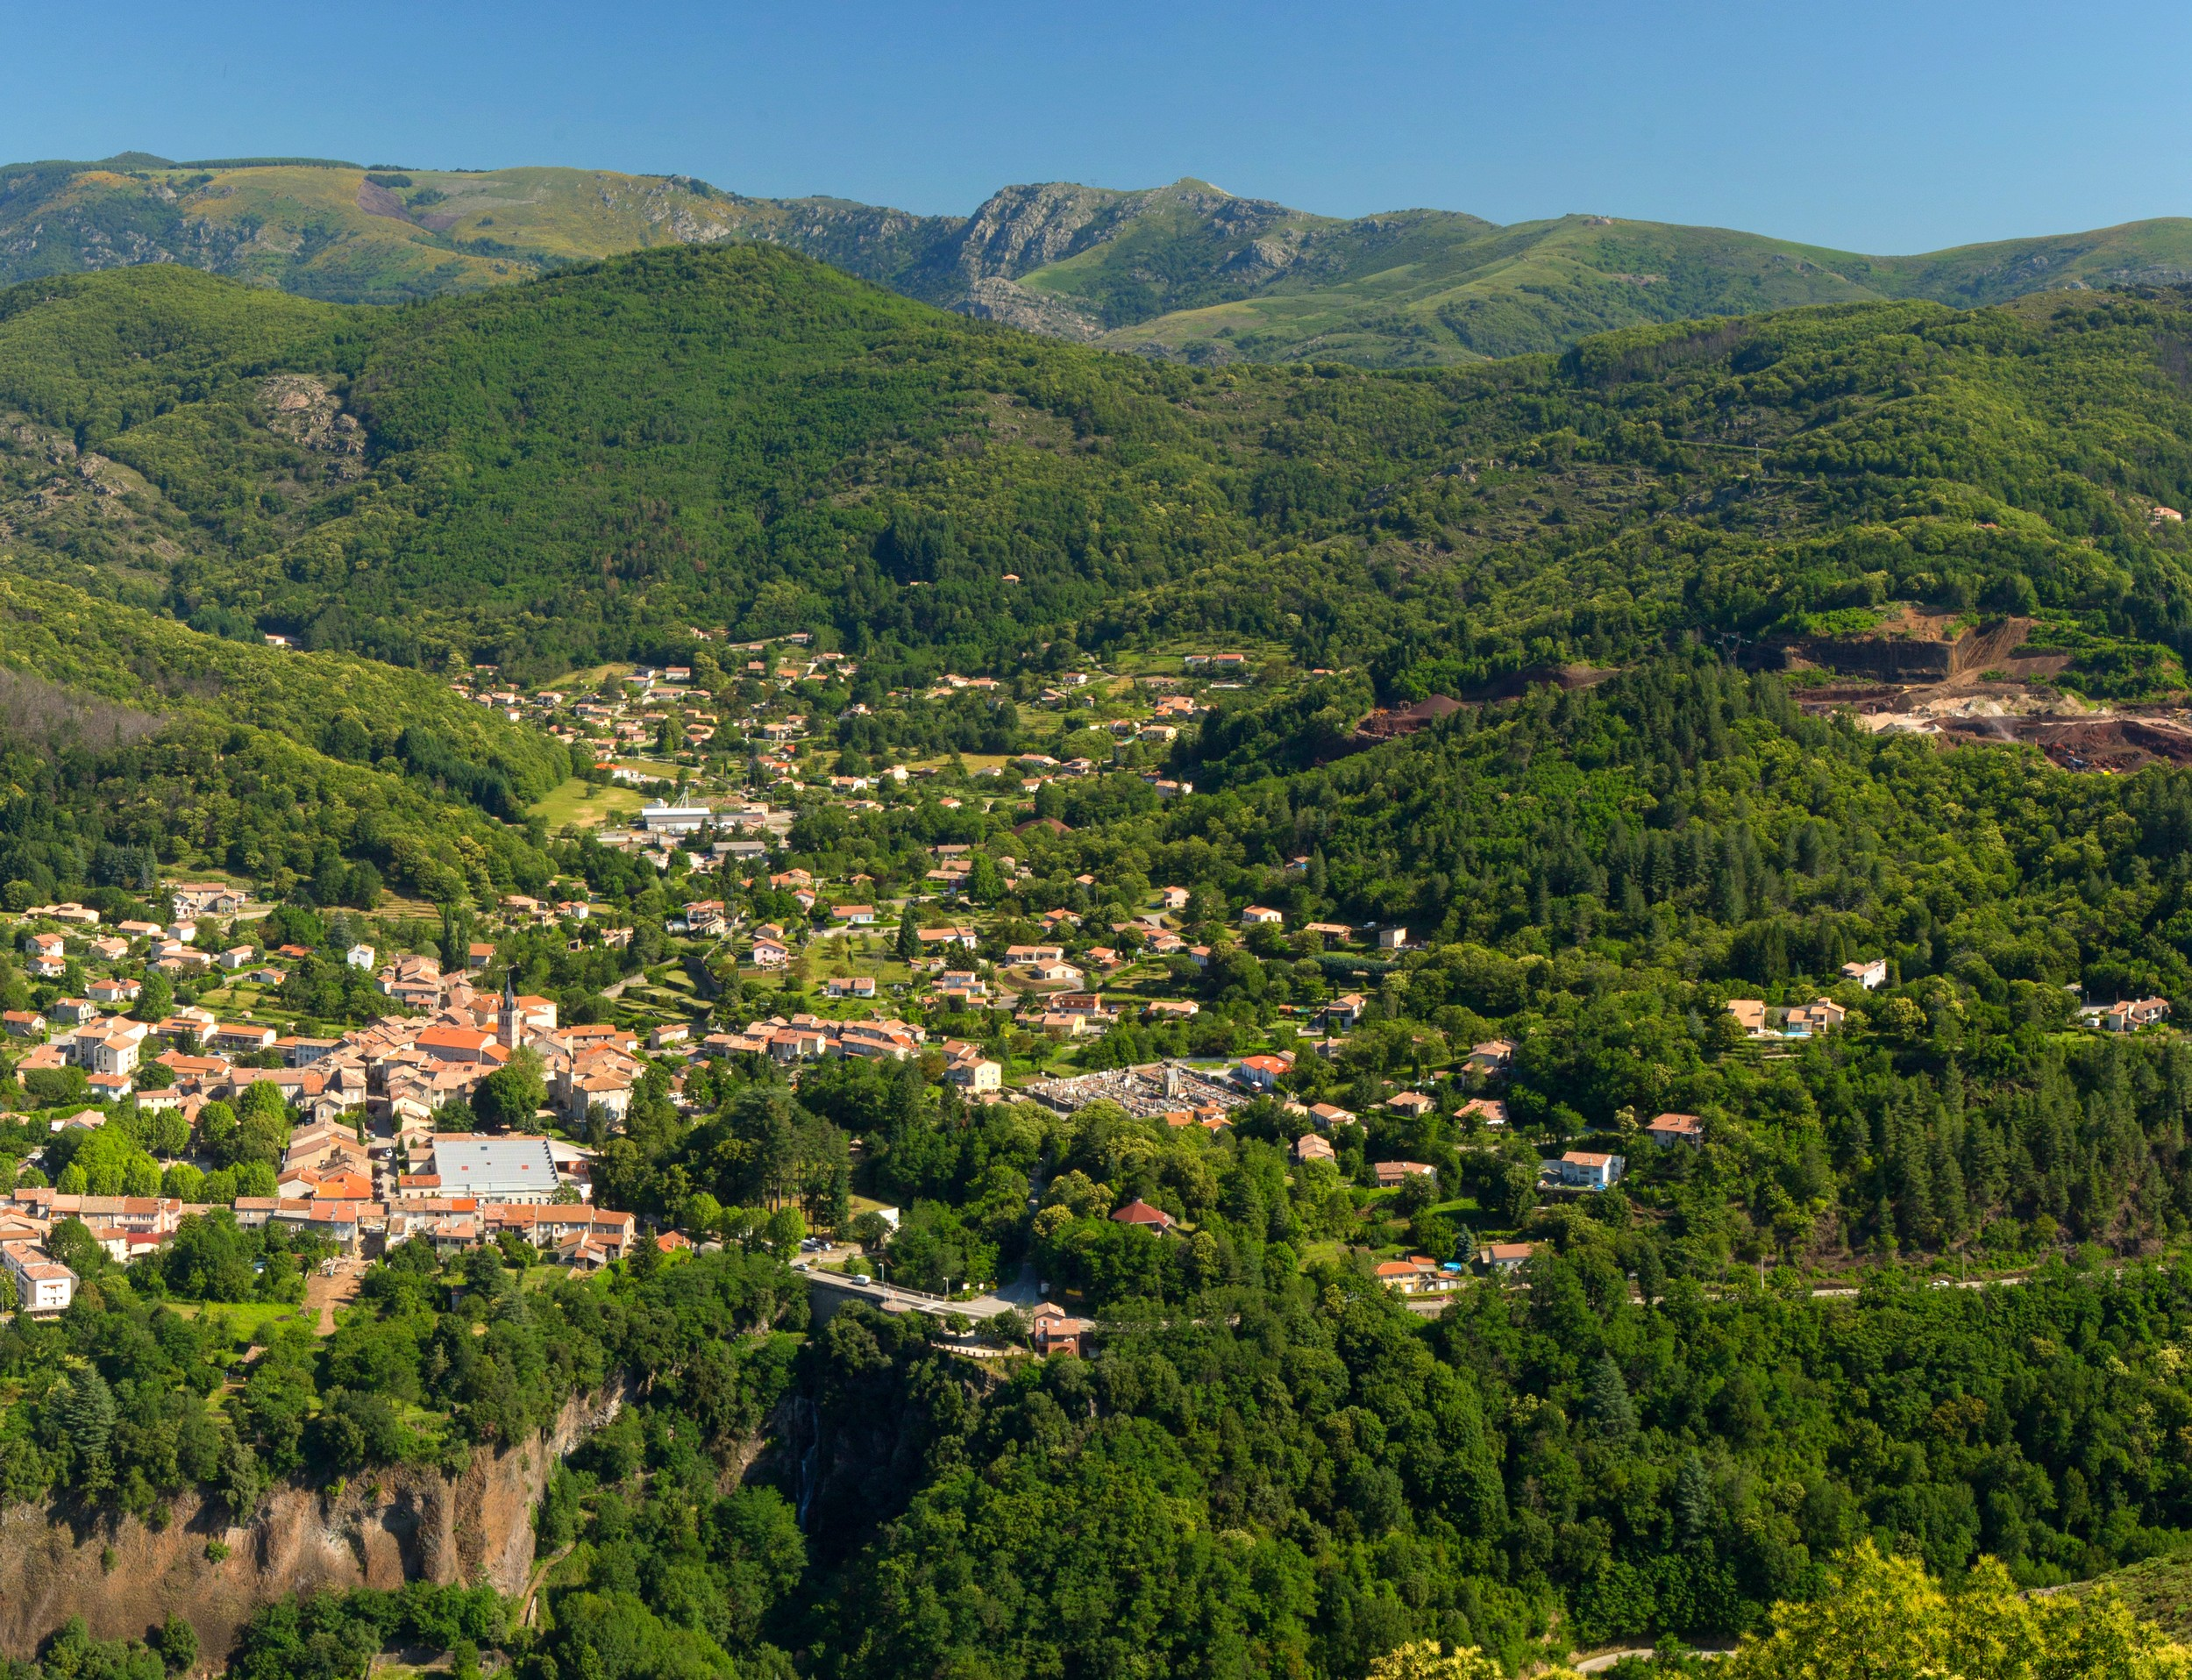 Thueyts - Le village et la vallée de l'Ardèche vus de Bouchard-zoom avec vue gravenne ©S.BUGNON